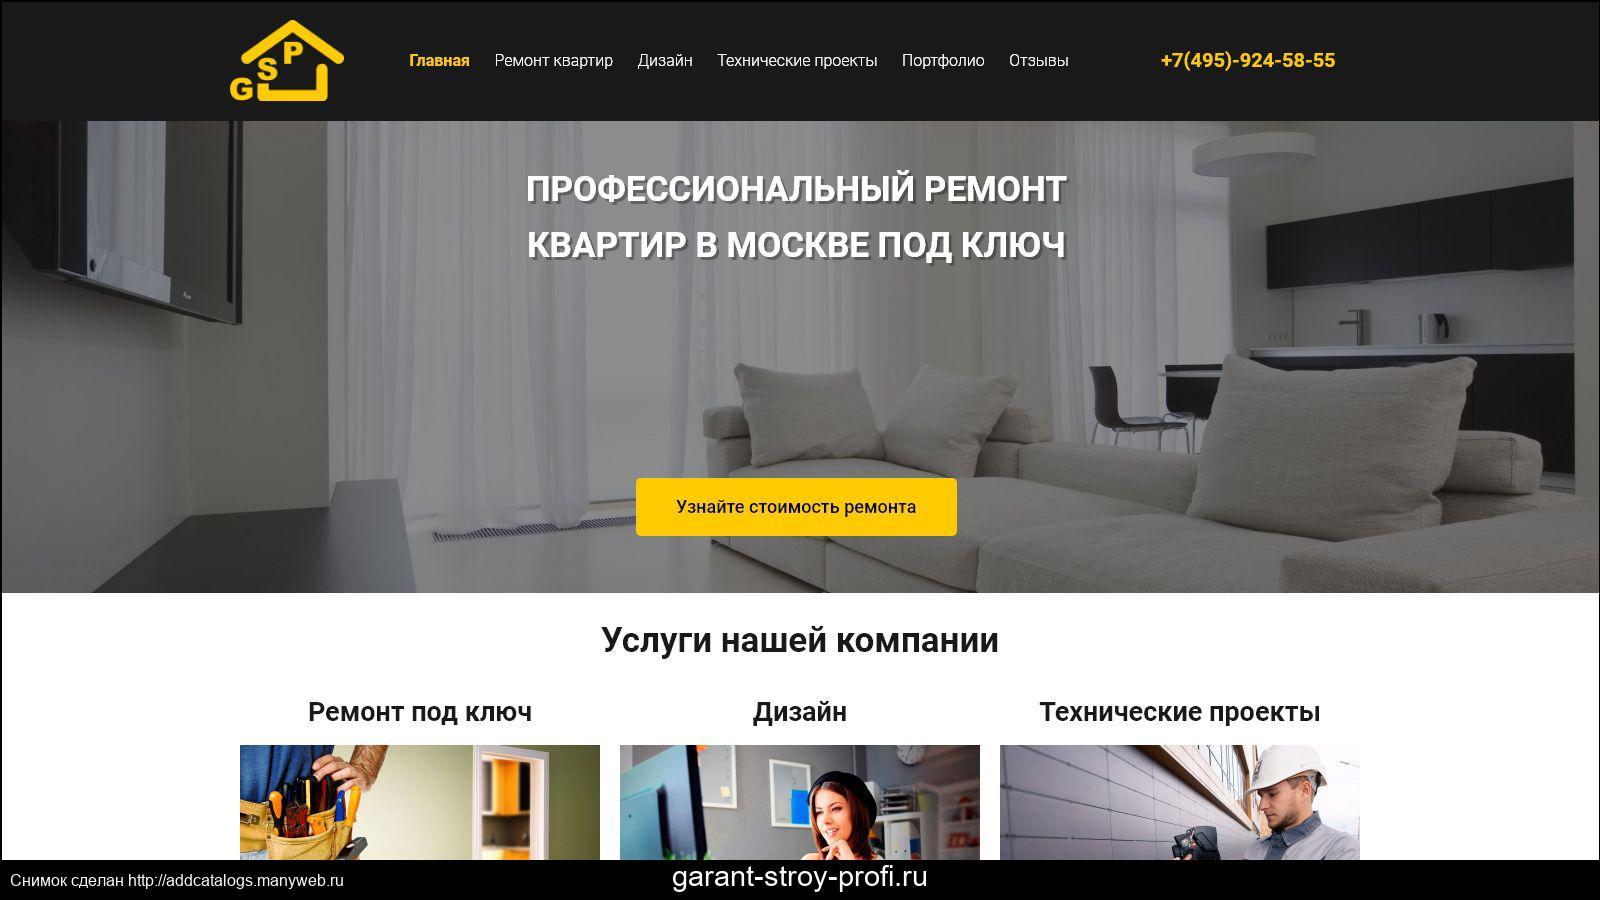 рейтинг фирм по ремонту квартир в москве